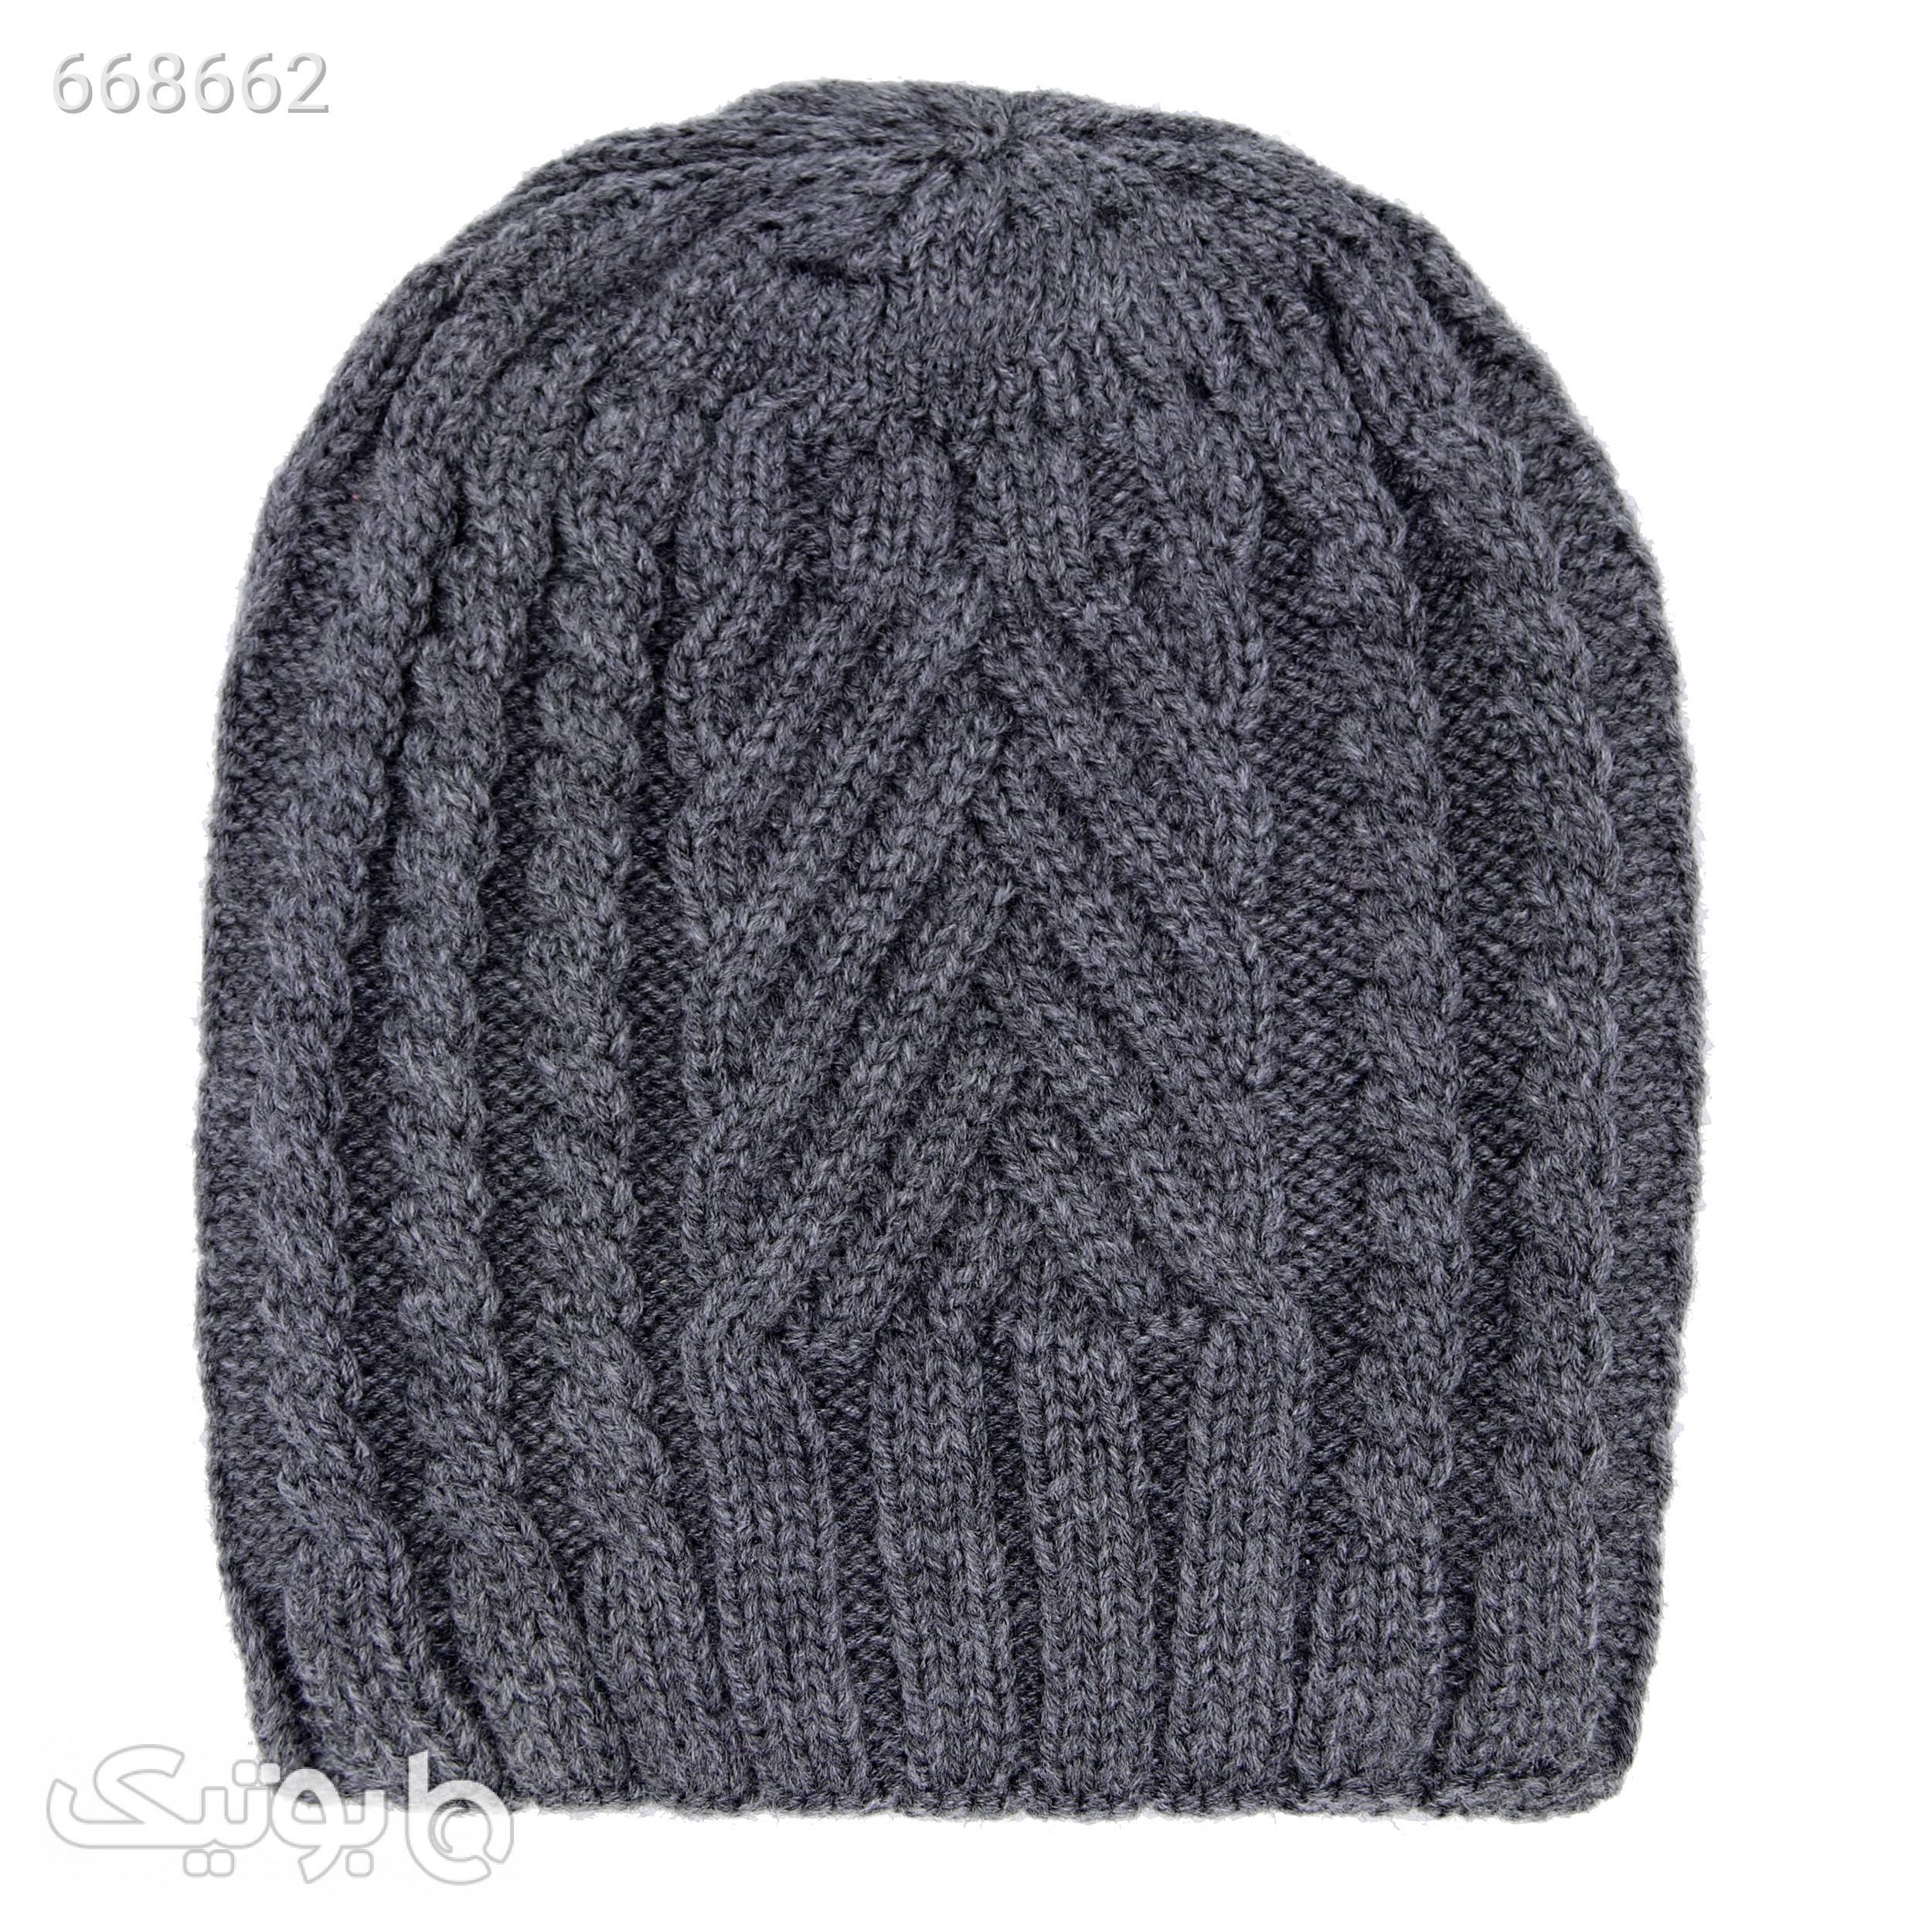 کلاه مدل M2320 آبی کلاه بافت و شال گردن و دستکش